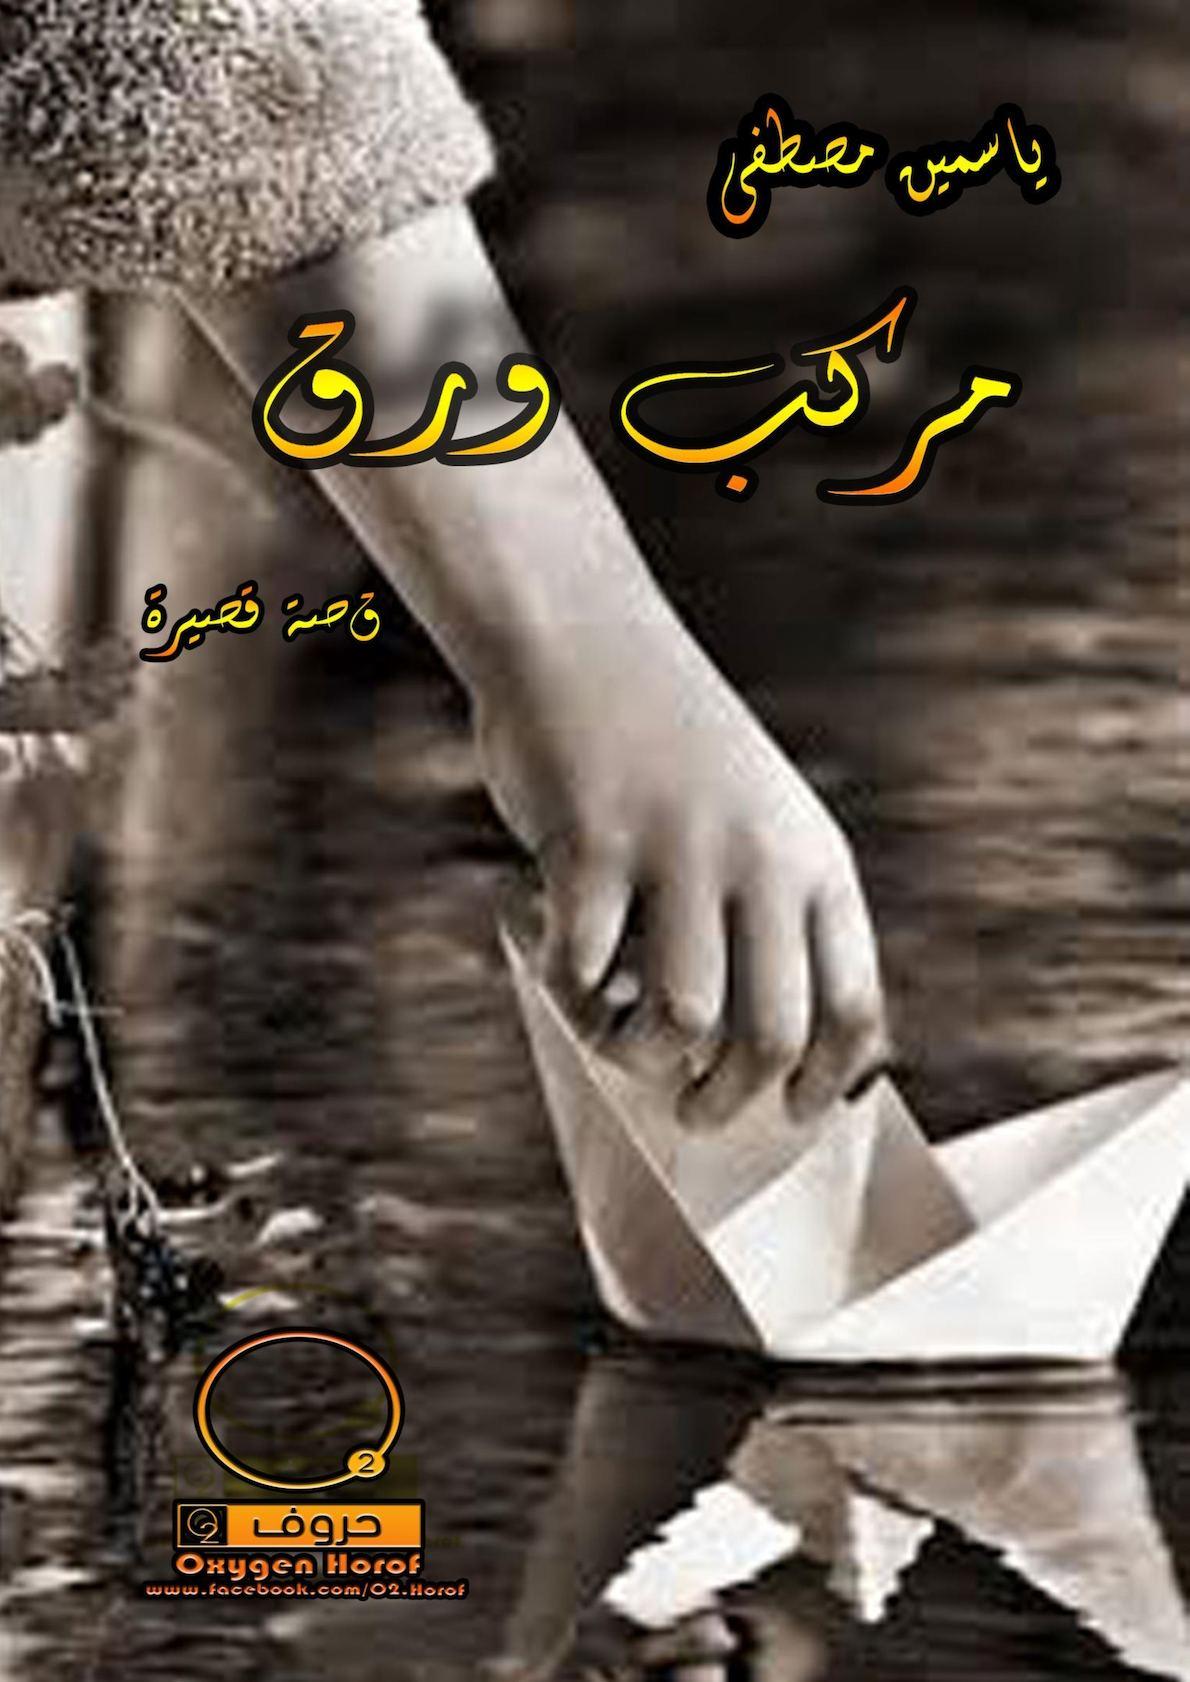 أكسجين حروف - ياسمين مصطفى/ مركب ورق